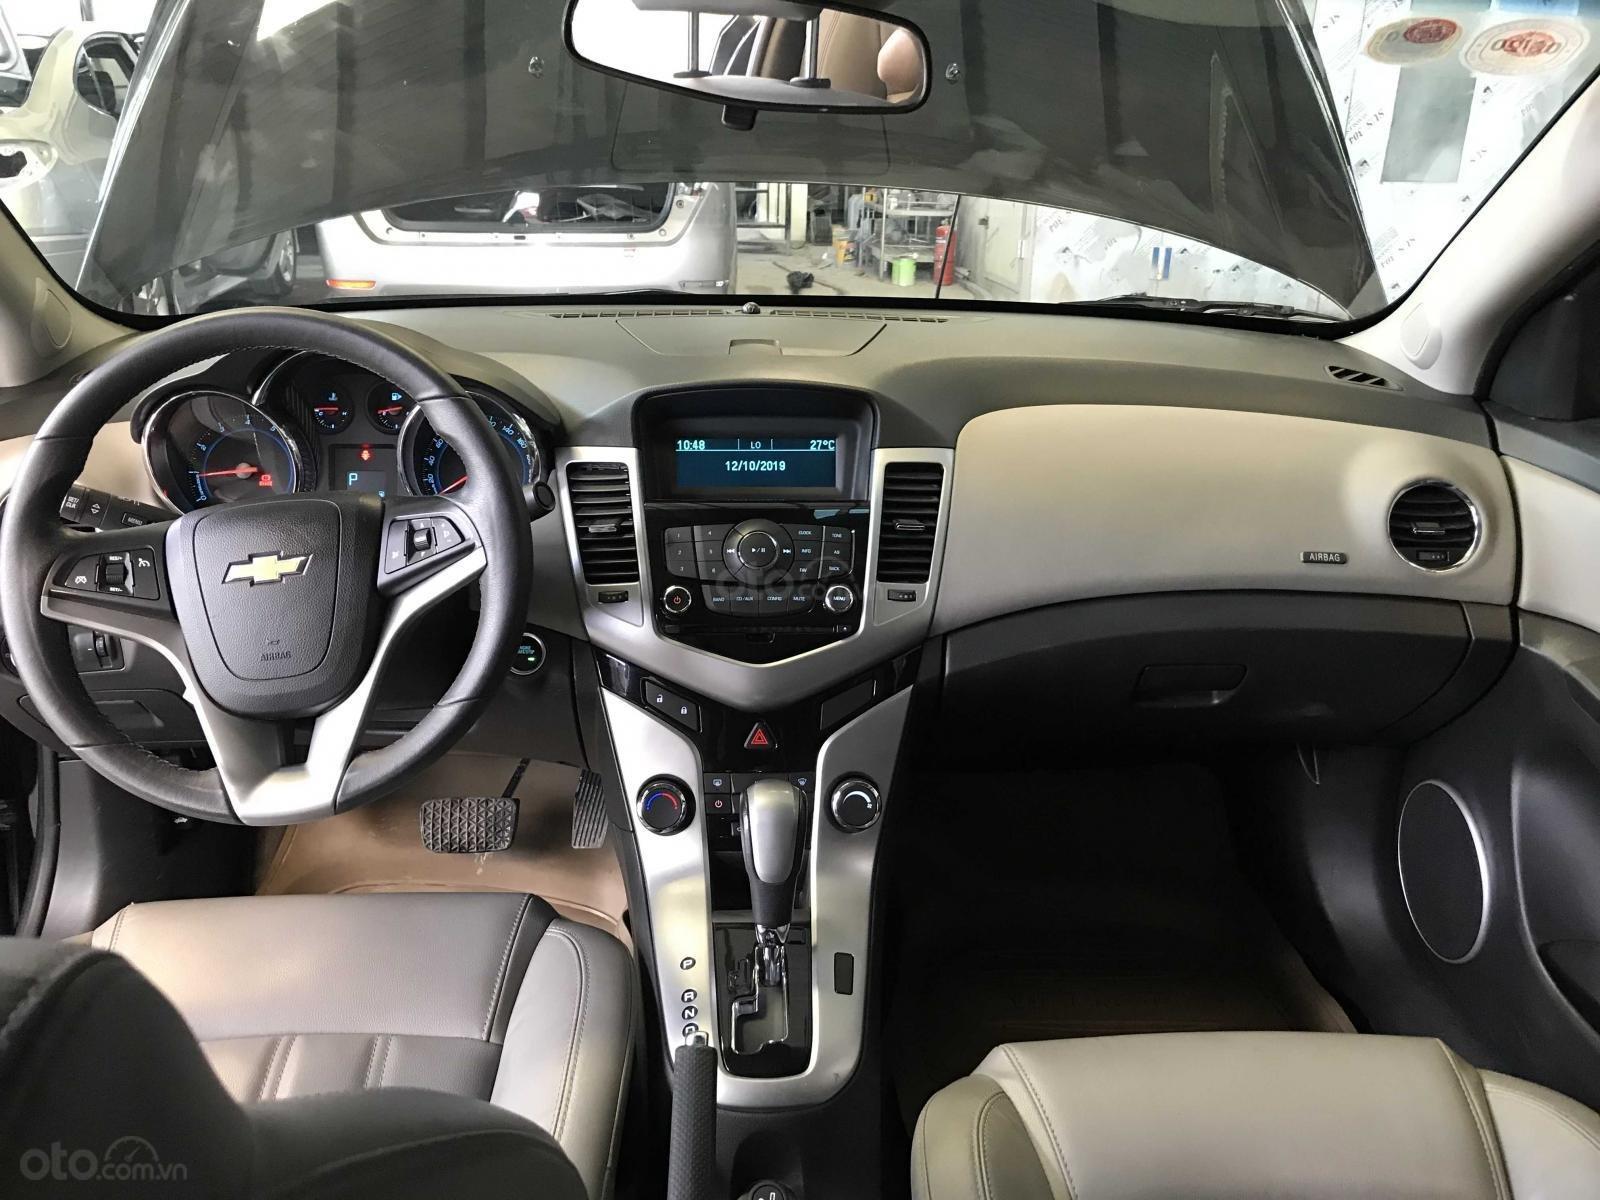 Bán Chevrolet Cruze năm sản xuất 2014, màu đen chính chủ (4)